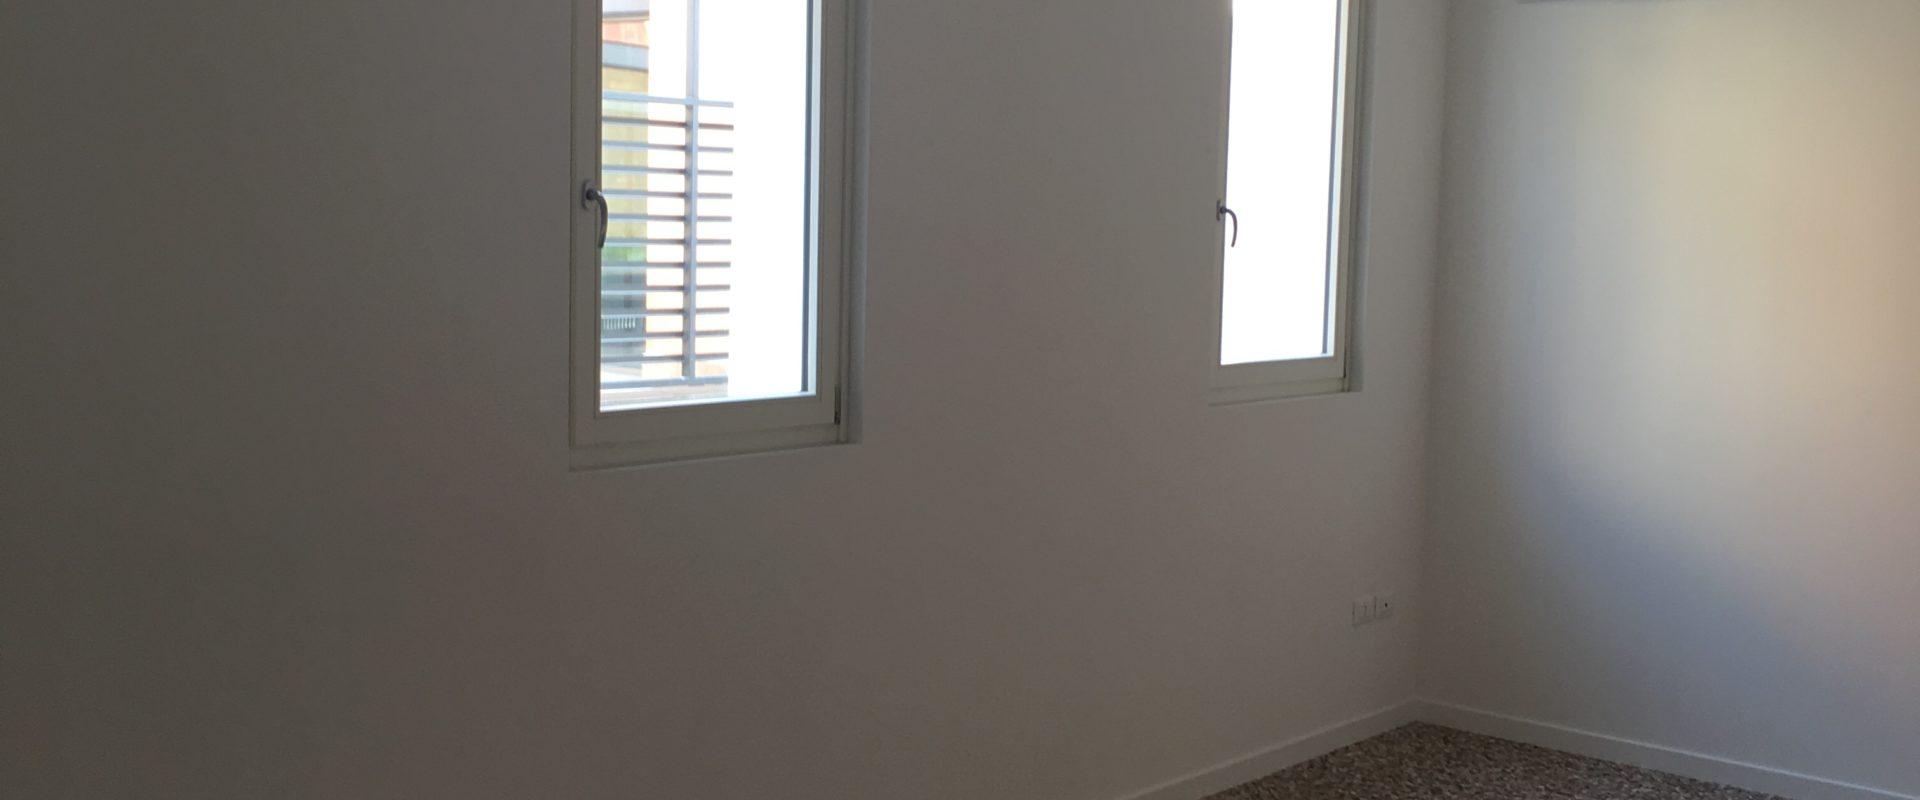 Affitto ufficio a Cittadella – bilocale